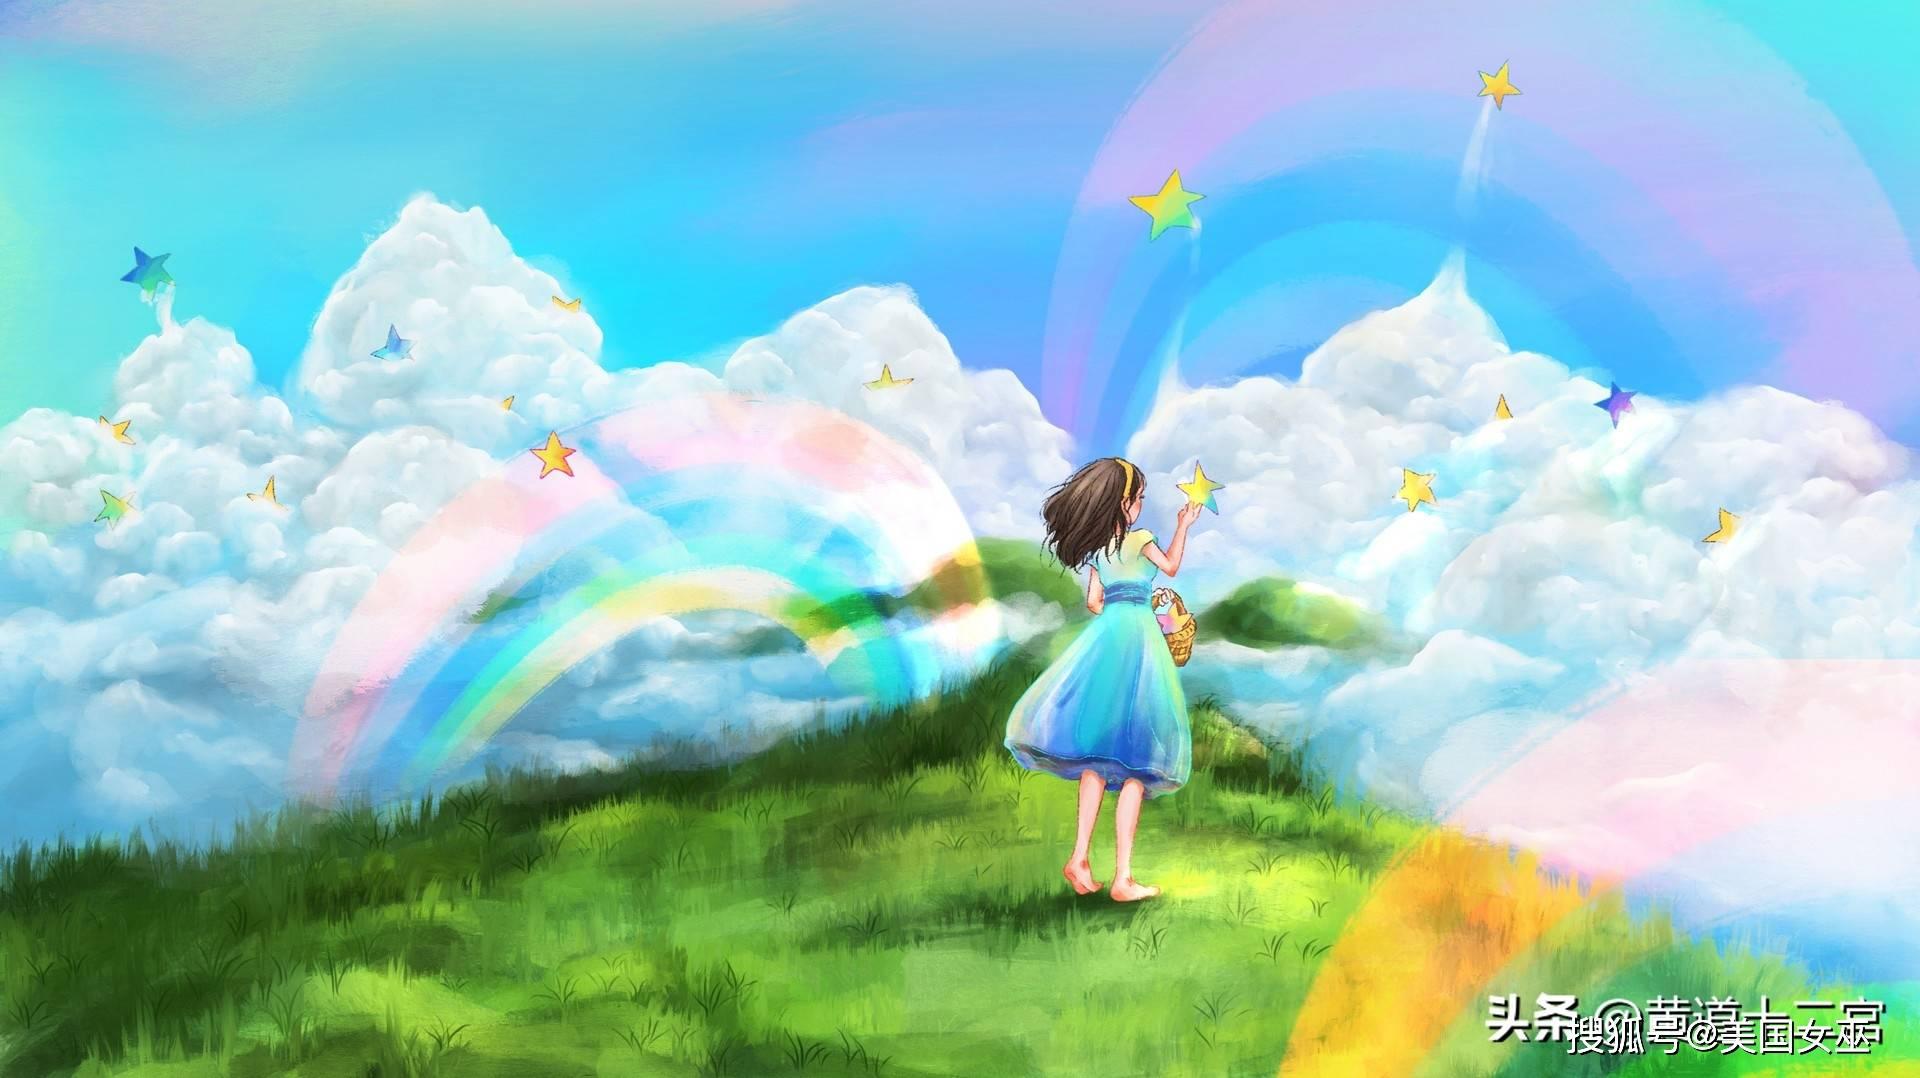 相处之前有多累,恋爱后就有多甜,需要经历风雨才能稳定的星座